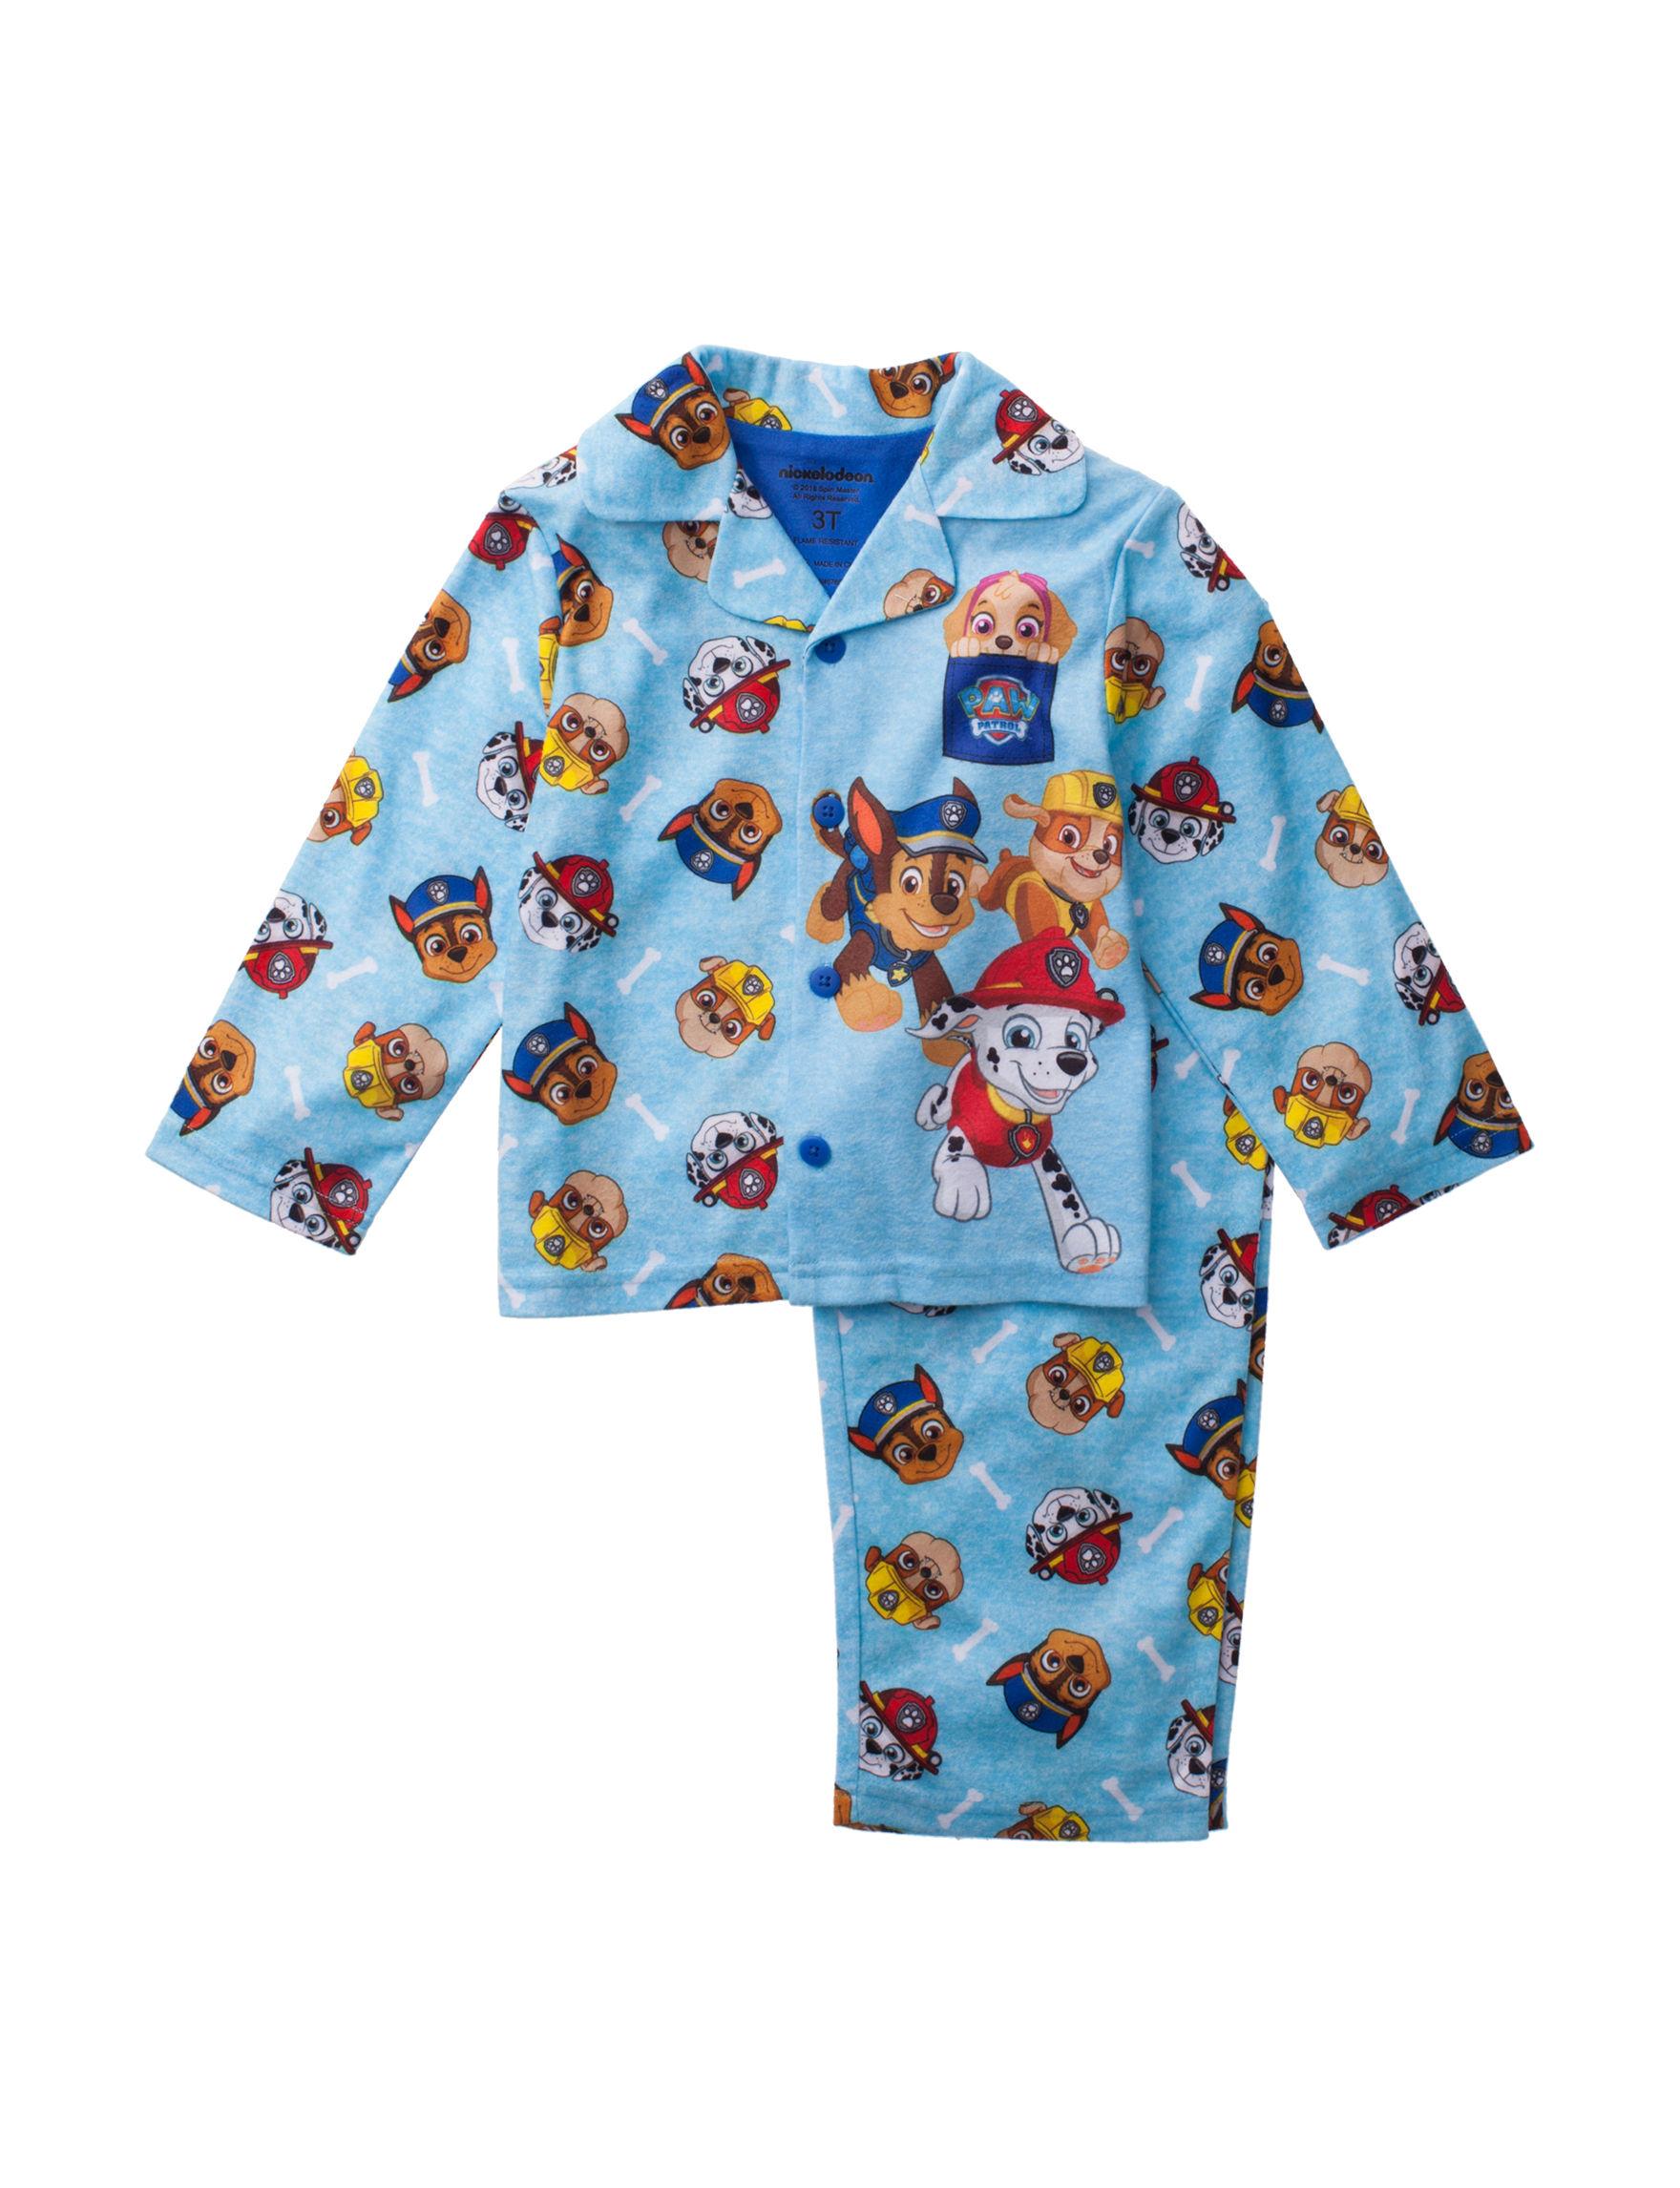 Licensed Medium Blue Pajama Sets